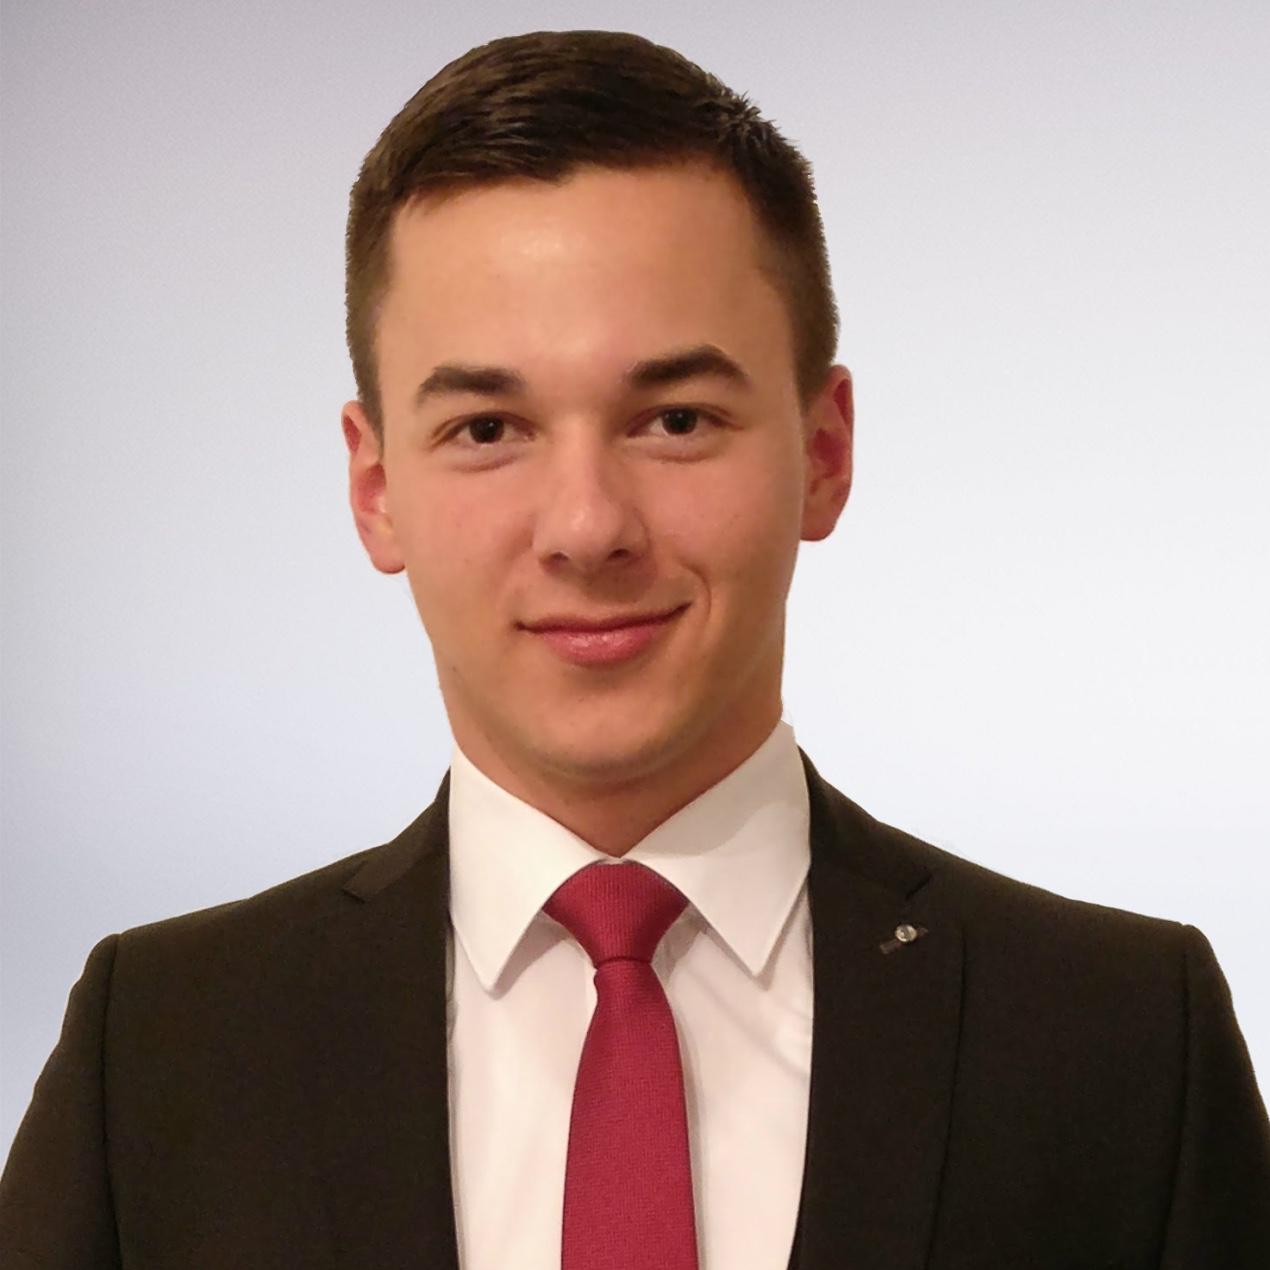 Manuel Schurr